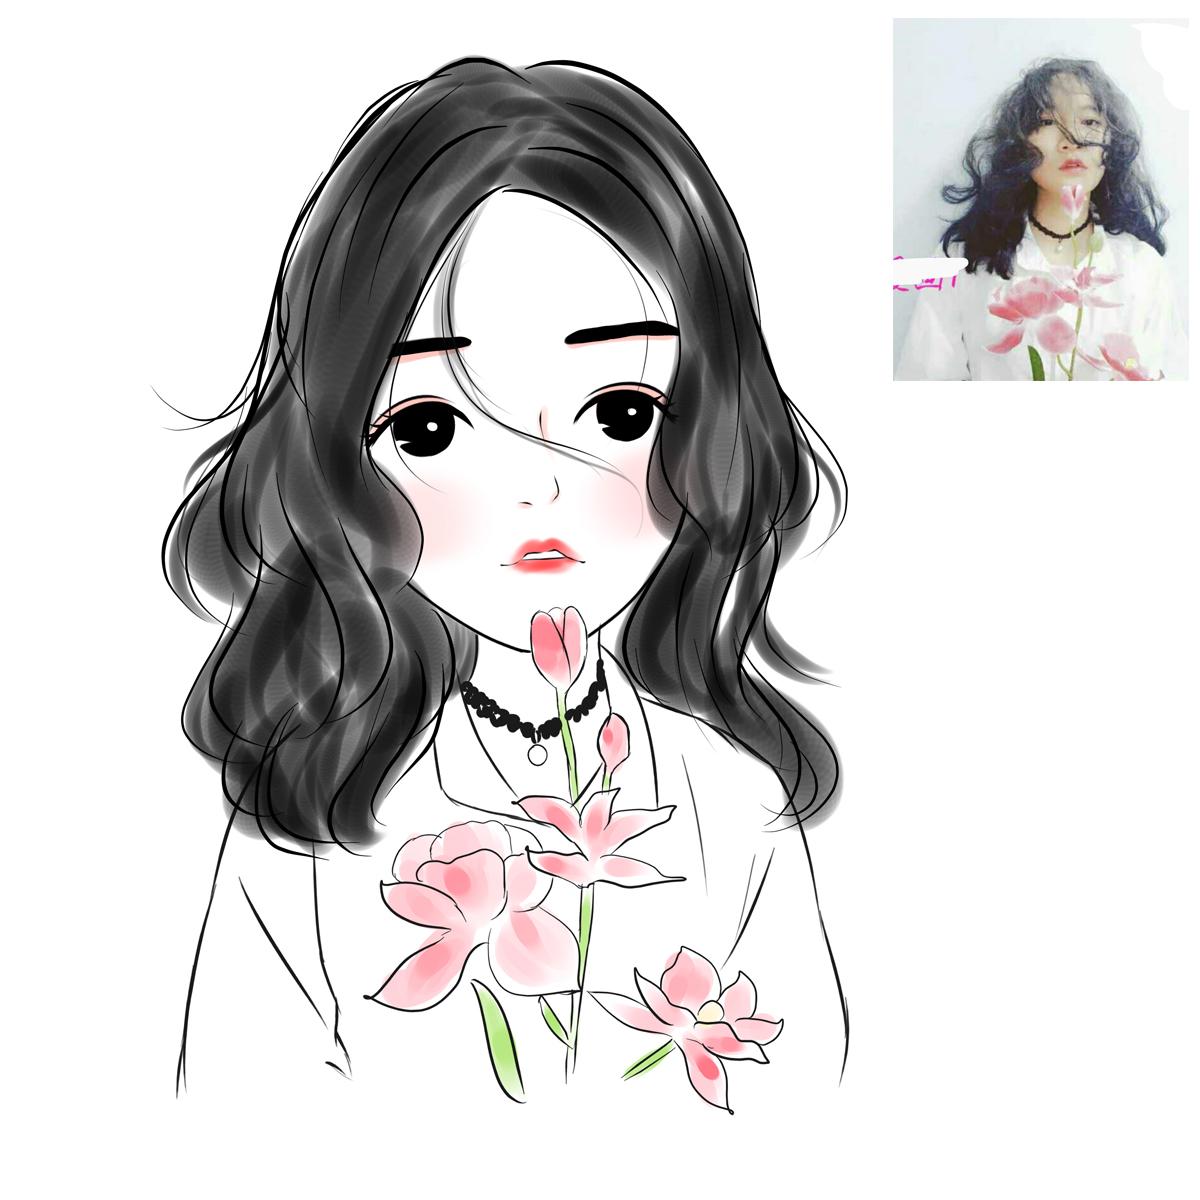 Мультфильм аватар дизайн передачи окрашены аватар Q версия Персональные портреты будут сделаны из реальных фотографий людей для влюбленной пары Micro письмо